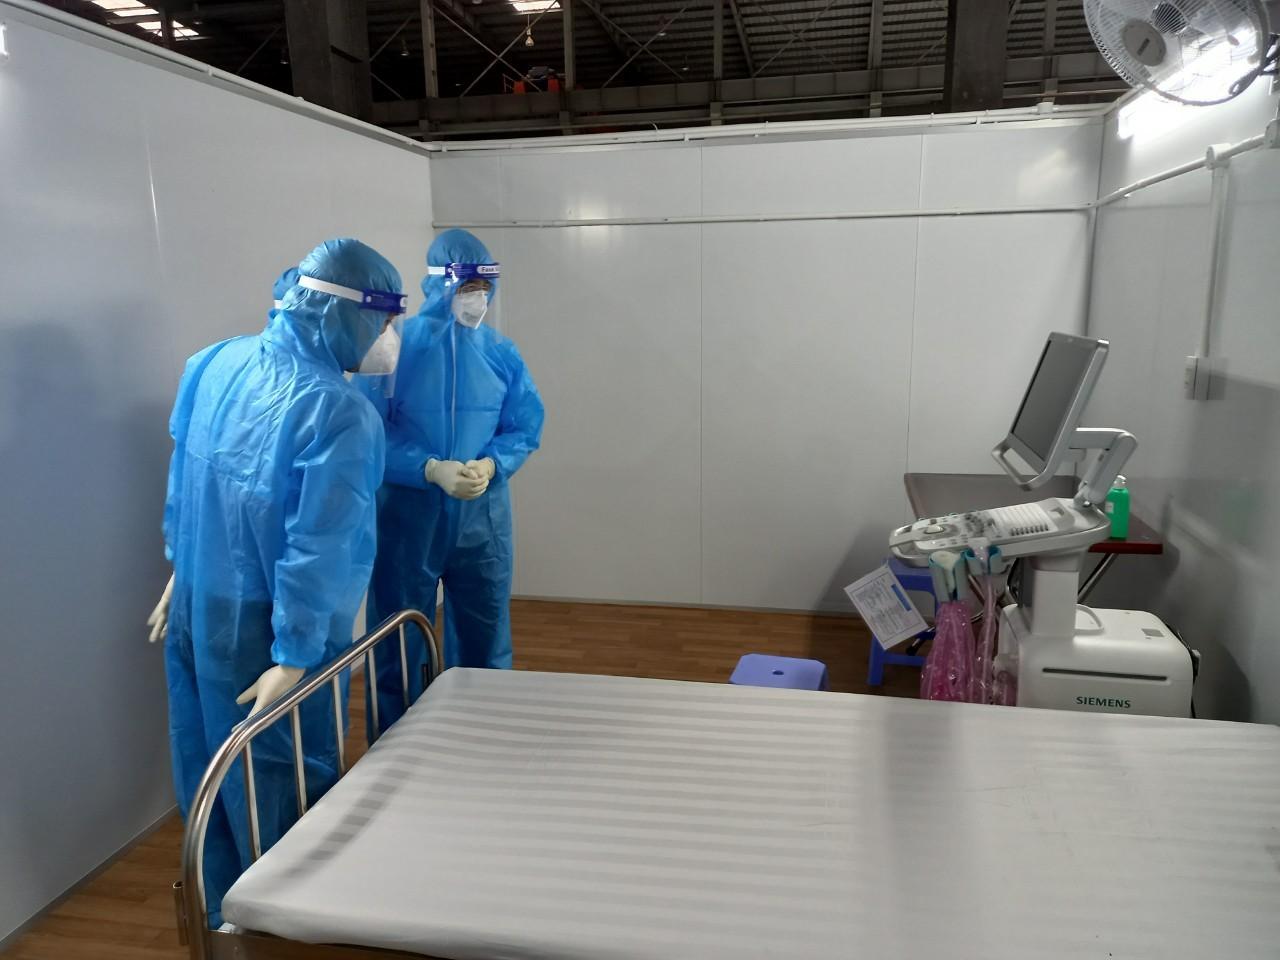 Thiết bị y tế hiện đại trang bị cho 100 giường hồi sức từ Hà Nội vào TP HCM - Ảnh 4.